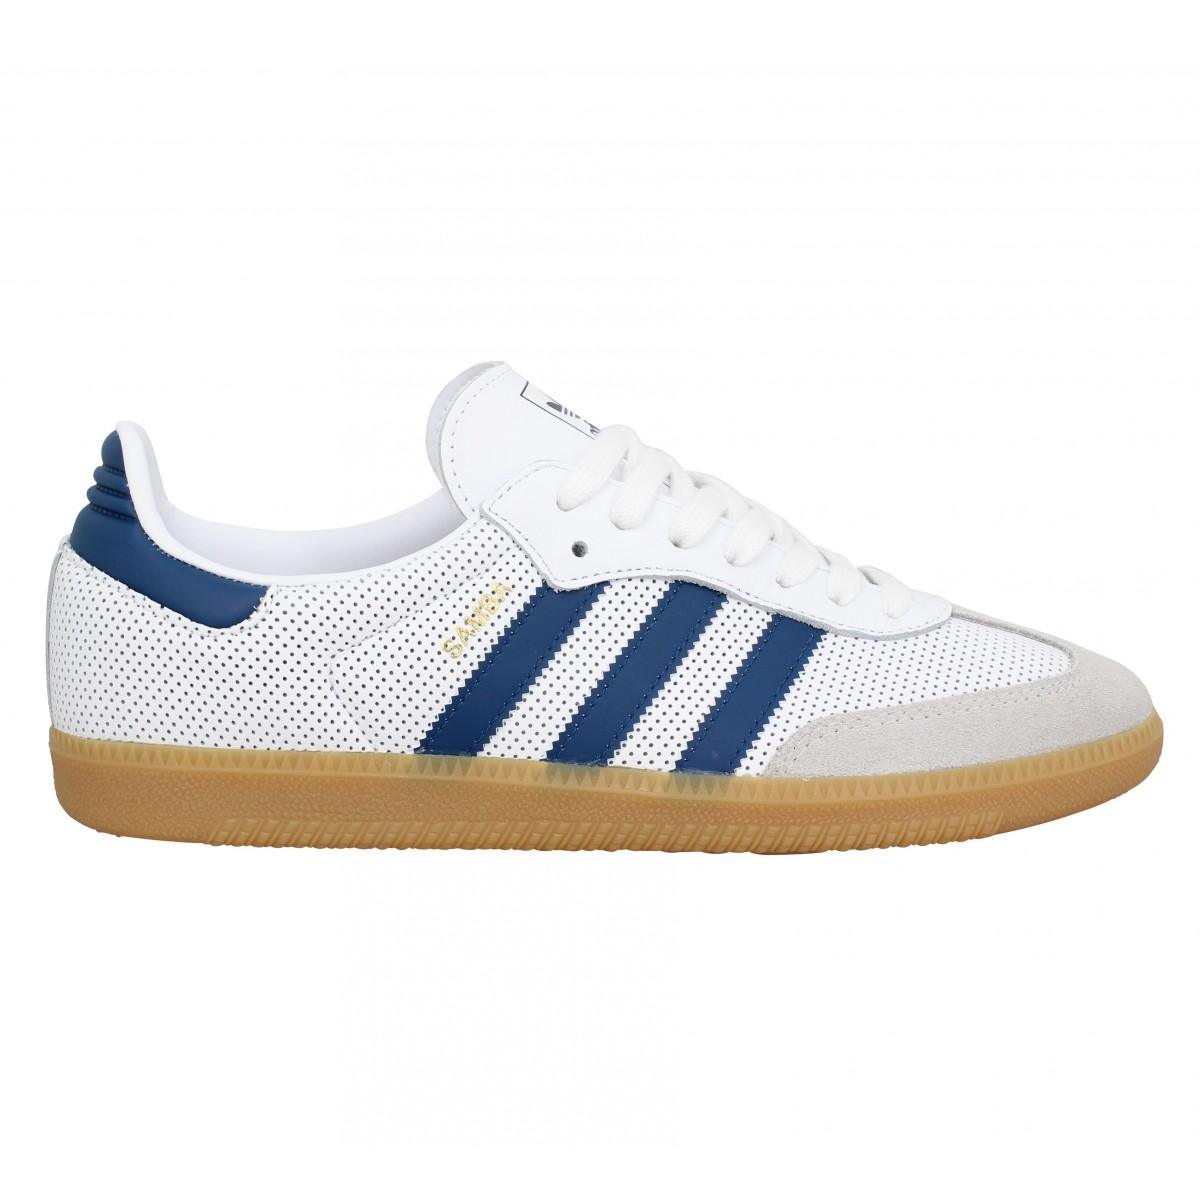 ADIDAS Samba OG cuir Homme Blanc Bleu